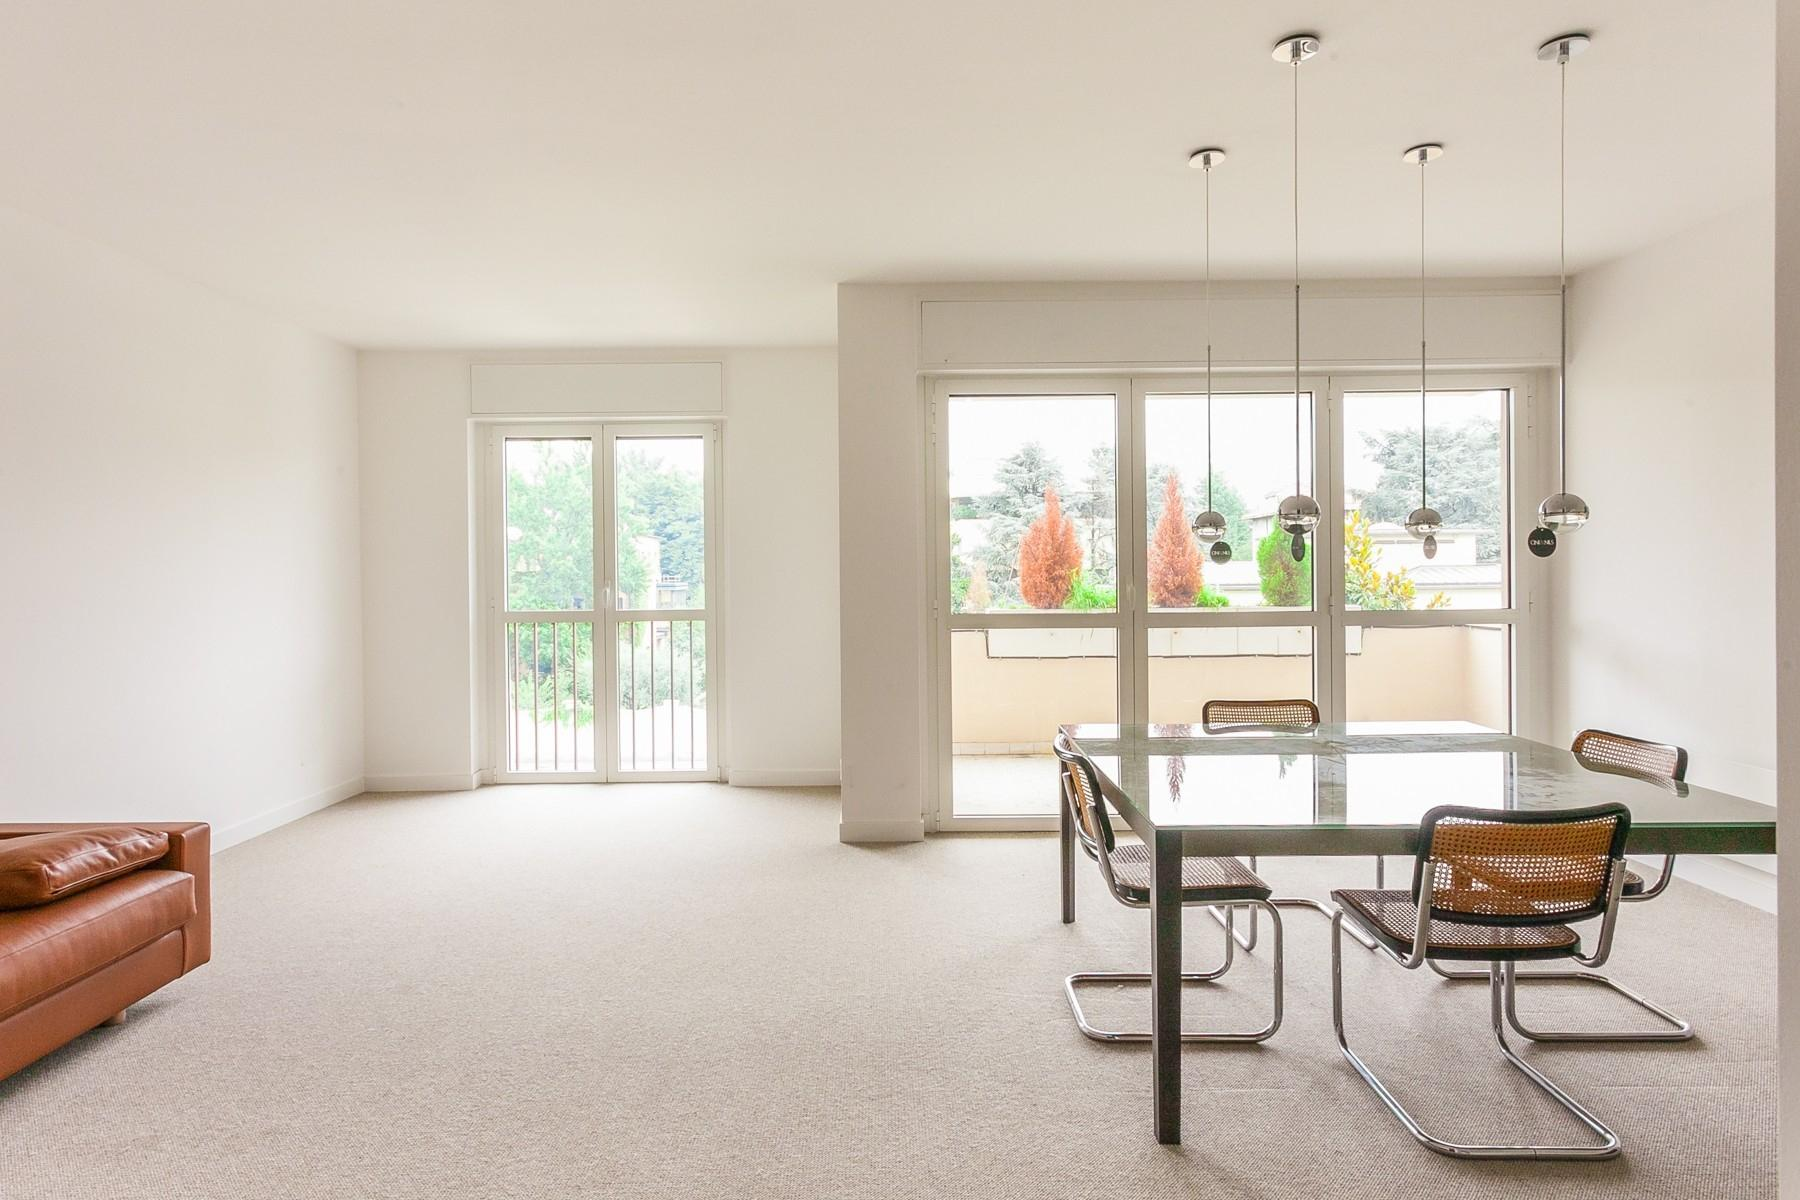 Neue moderne Wohnung mit geräumiger Terrasse - 2